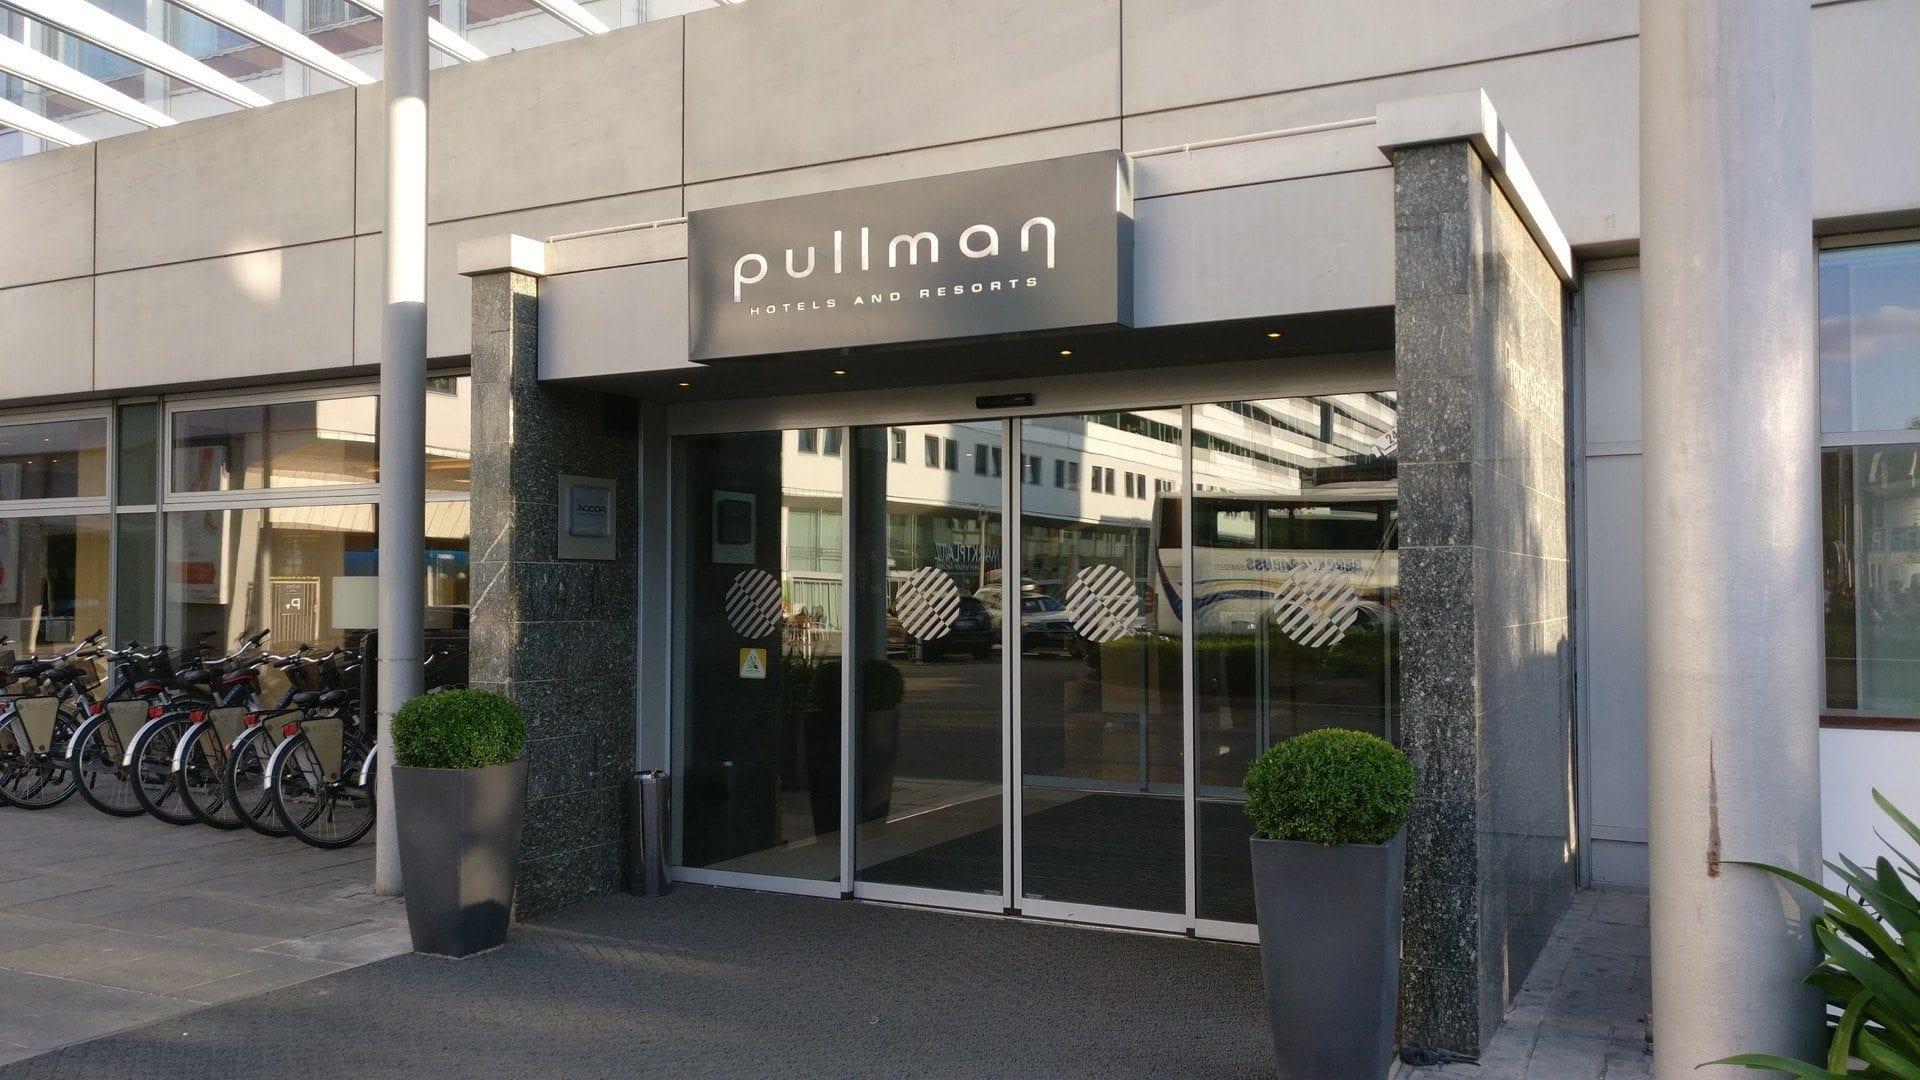 Review pullman dresden newa unsere erfahrungen for Pullman dresden newa